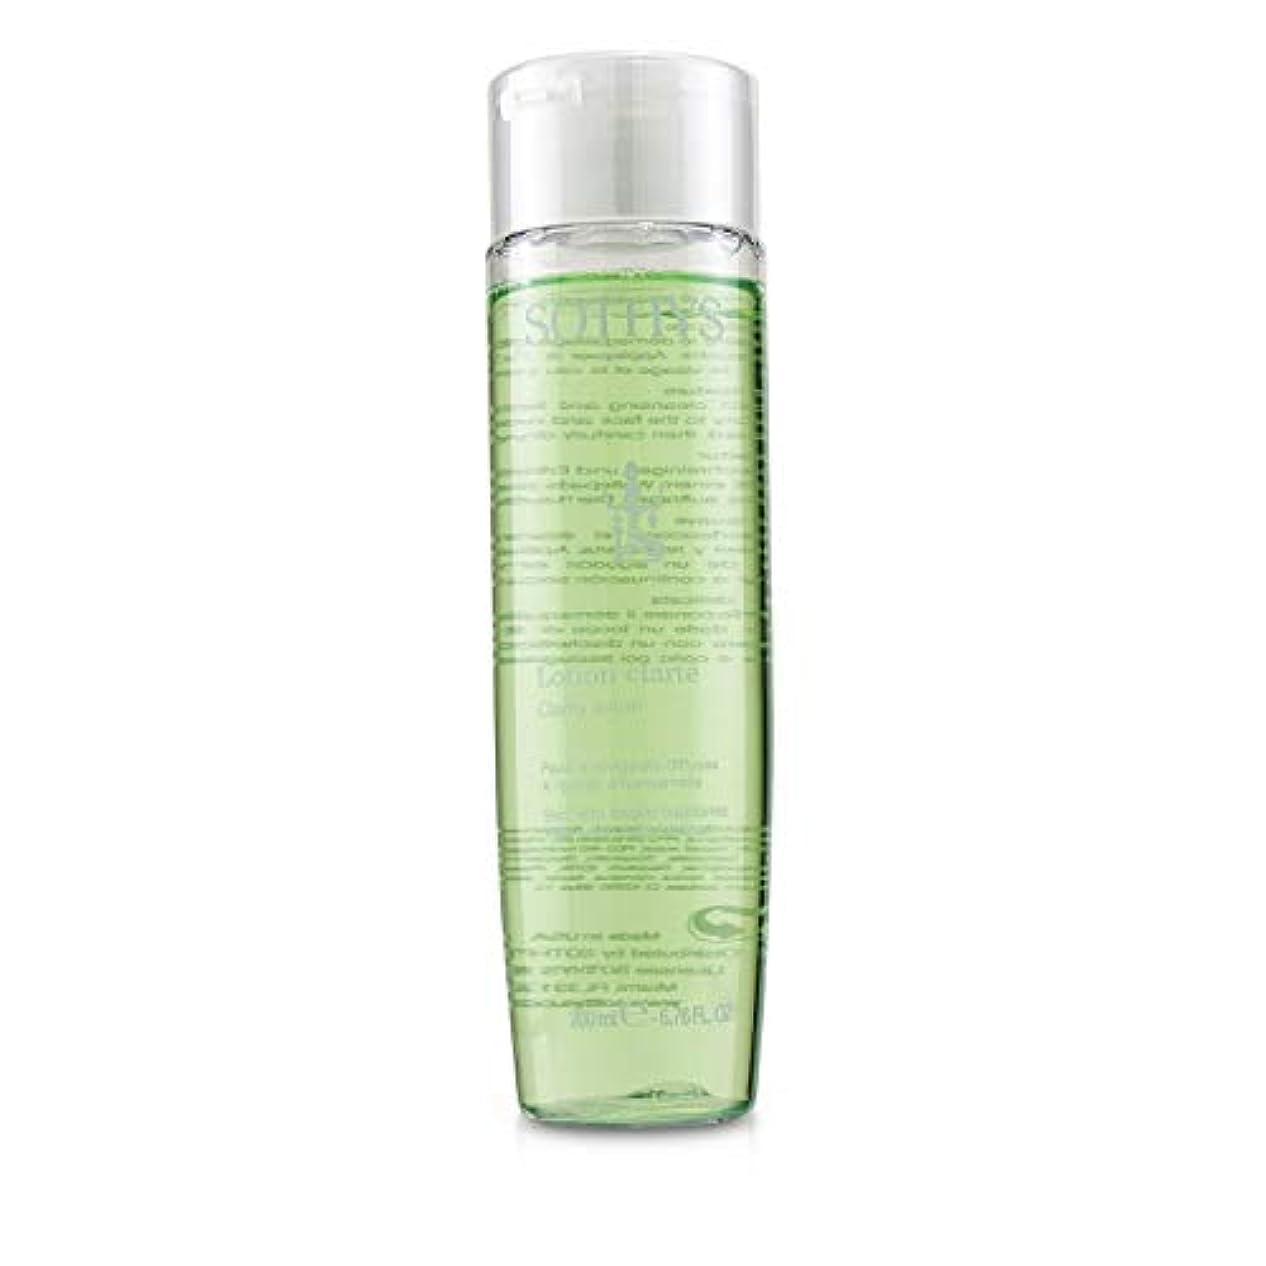 コンパス二溶けたSothys Clarity Lotion - For Skin With Fragile Capillaries, With Witch Hazel Extract 200ml/6.76oz並行輸入品